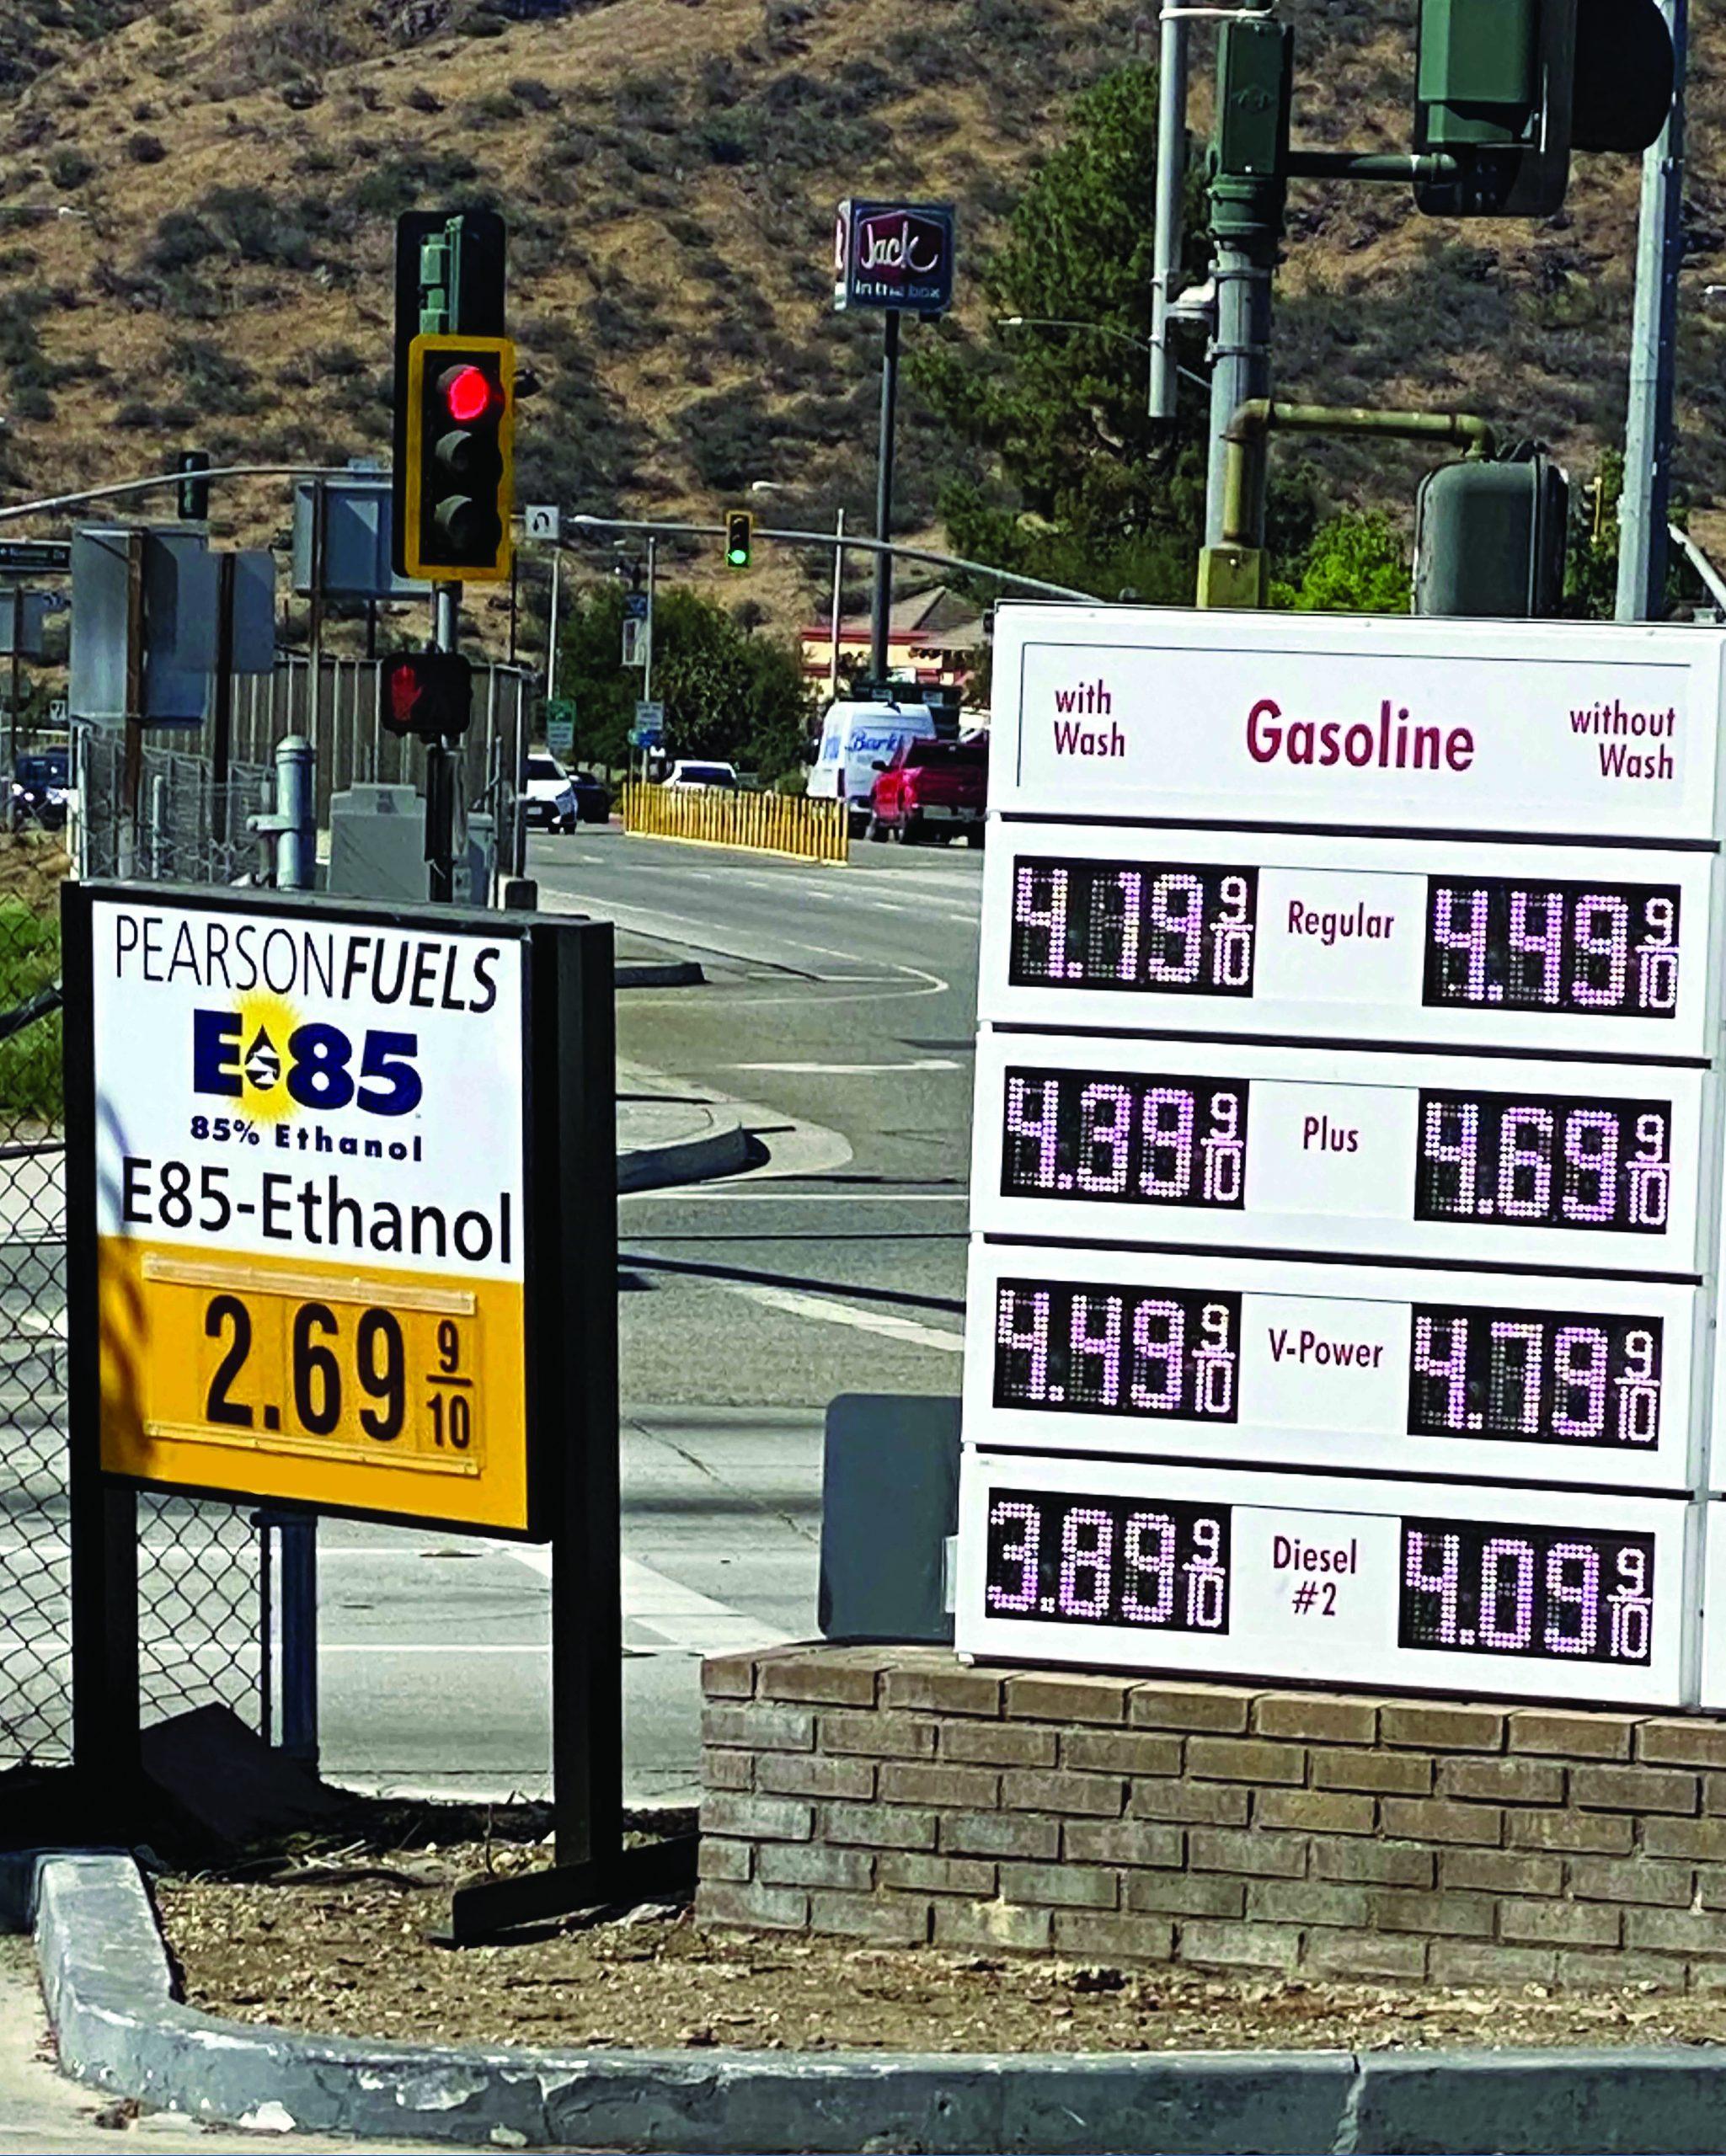 E85 Gas Prices in CA